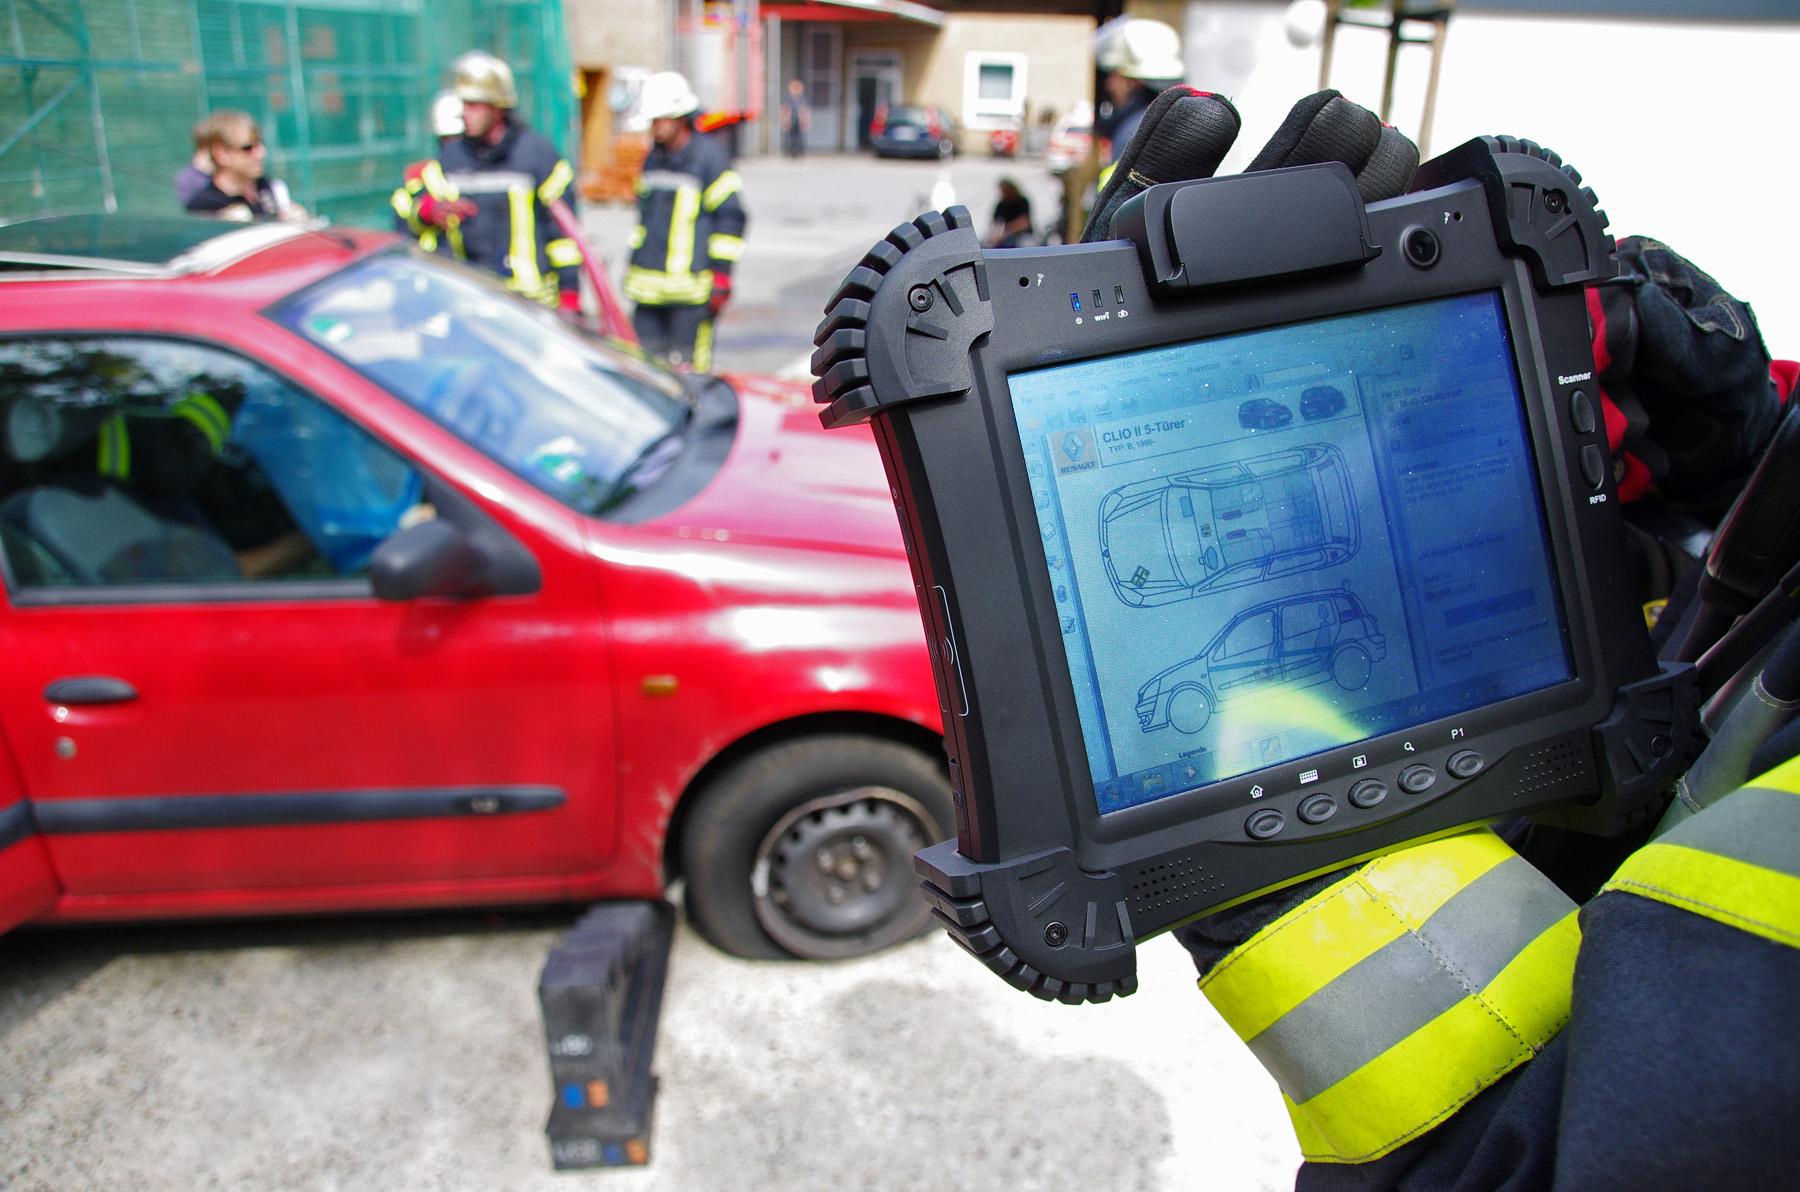 Die Rettungskarte Standardisierte Fahrzeuginformationen Für